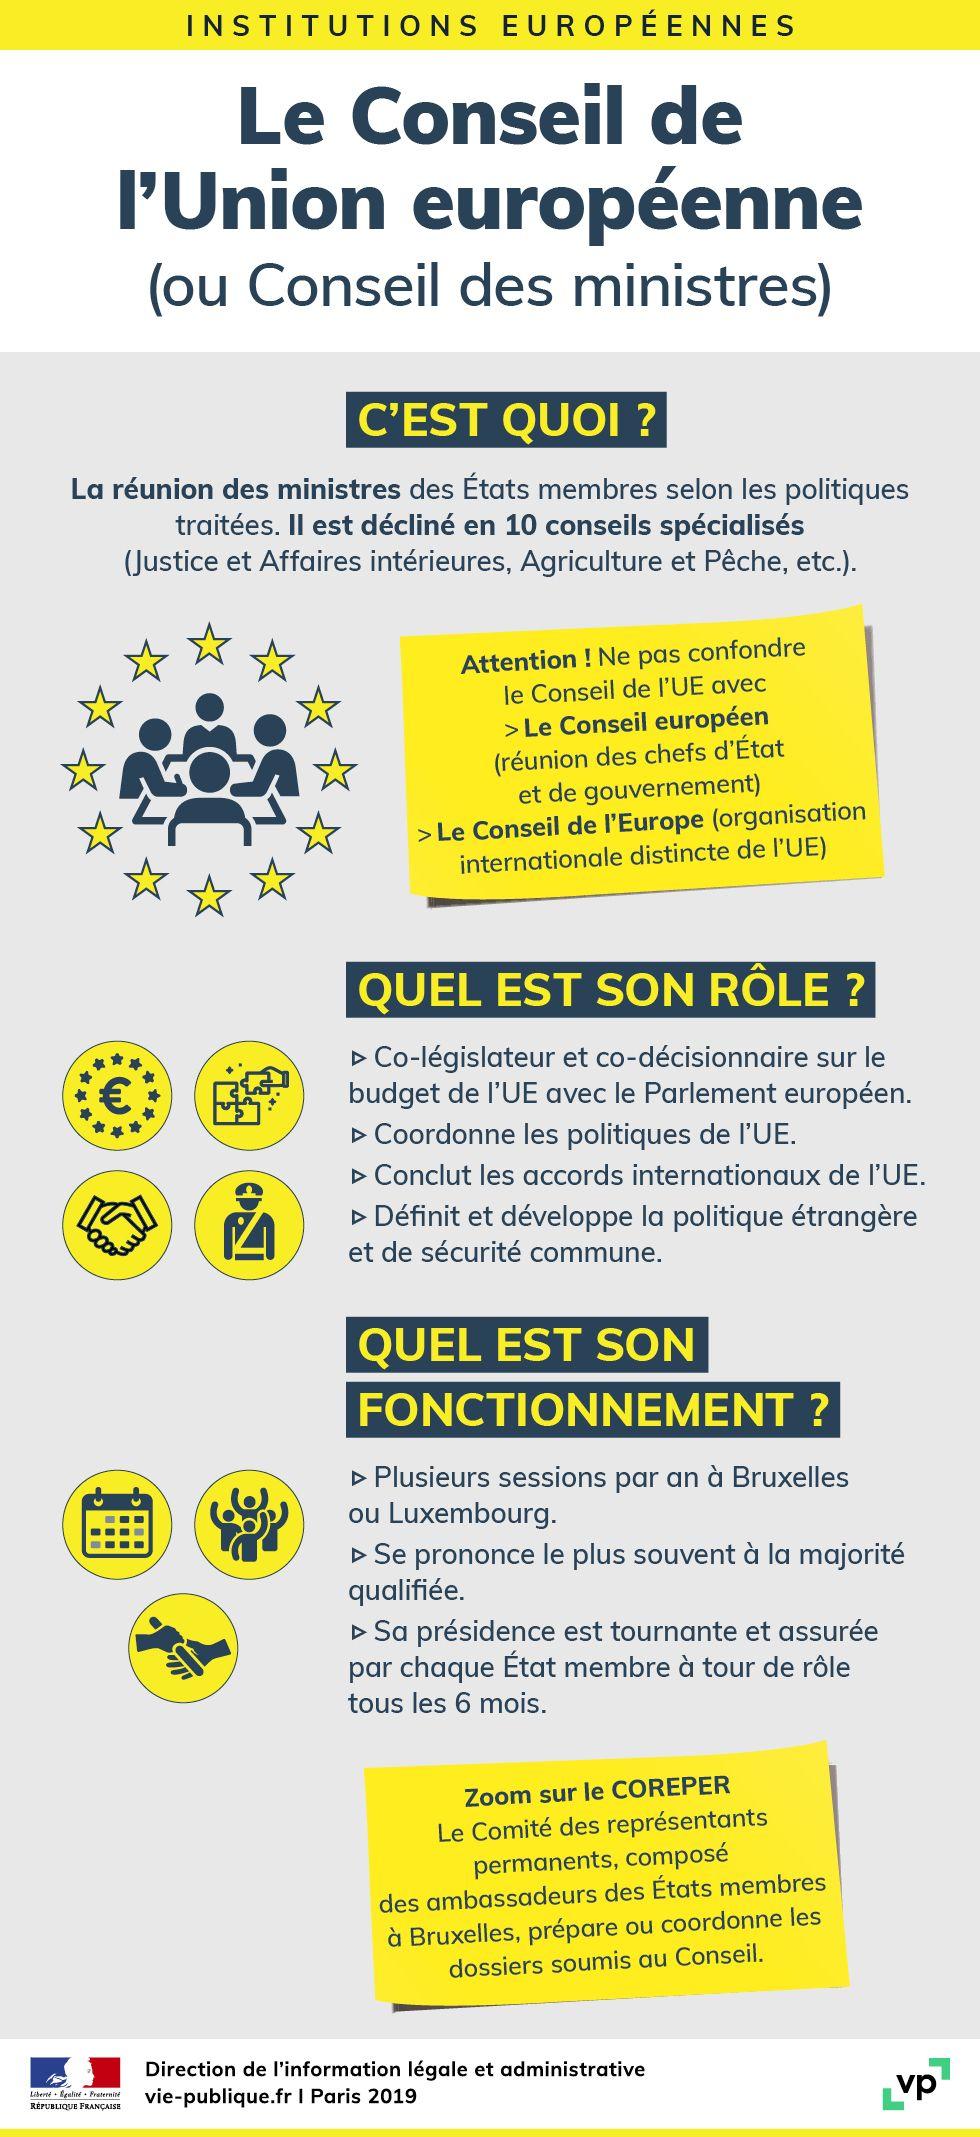 Le Conseil De L Union Europeenne Vie Publique Culture Generale Conseil Vie Publique